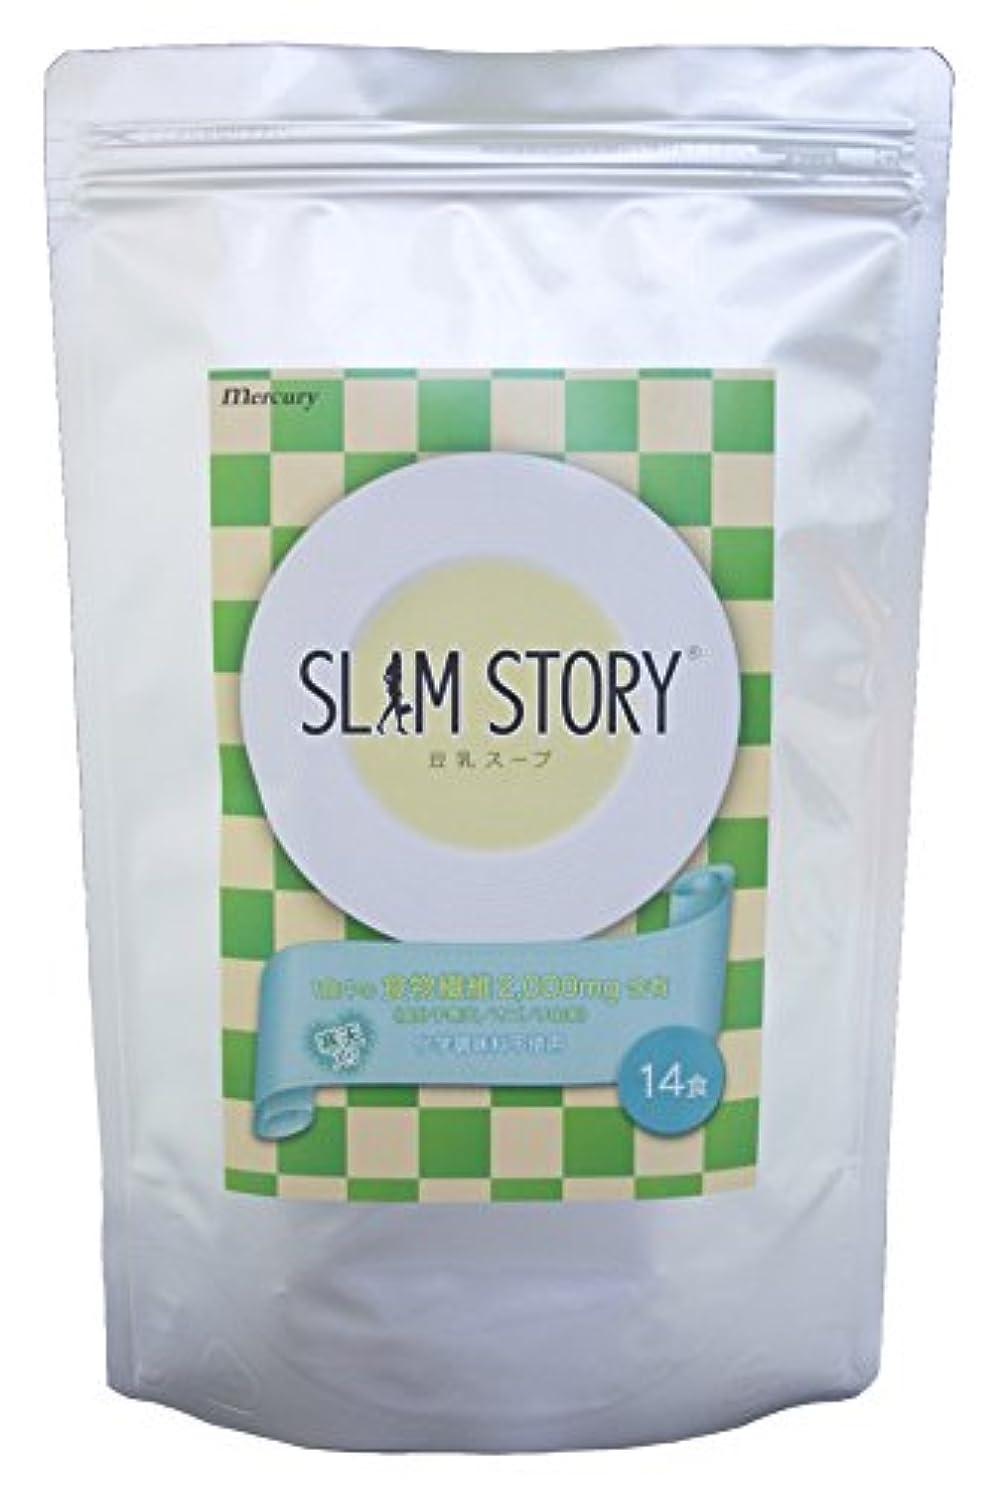 エスカレーター怠惰生じるマーキュリー SLIM STORY 豆乳スープ 14食/化学調味料 不使用